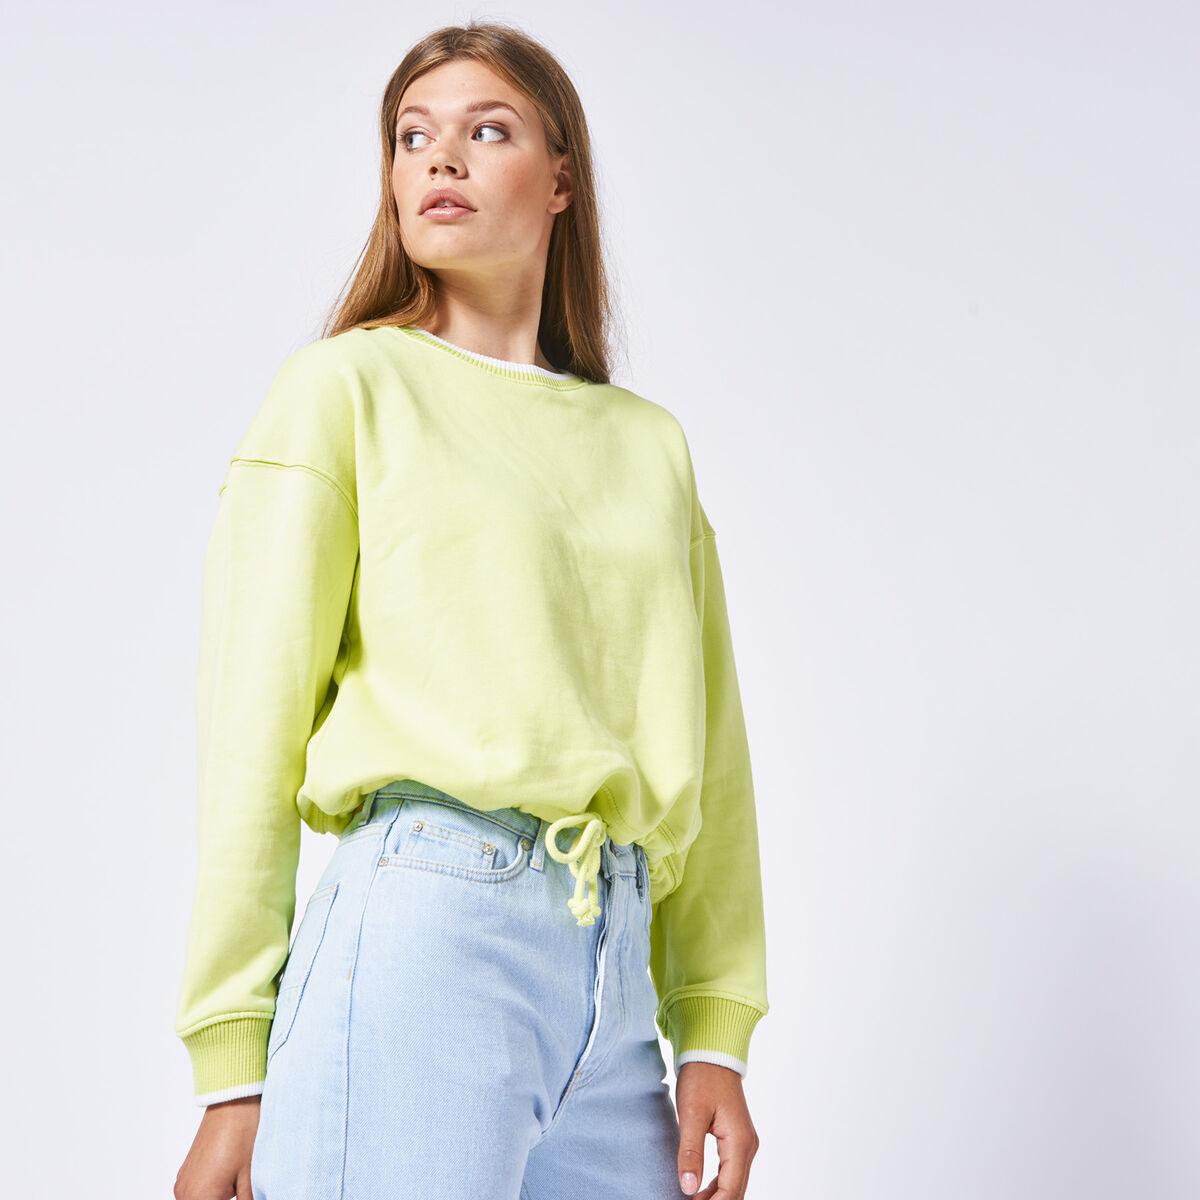 Sweat Sofie neon